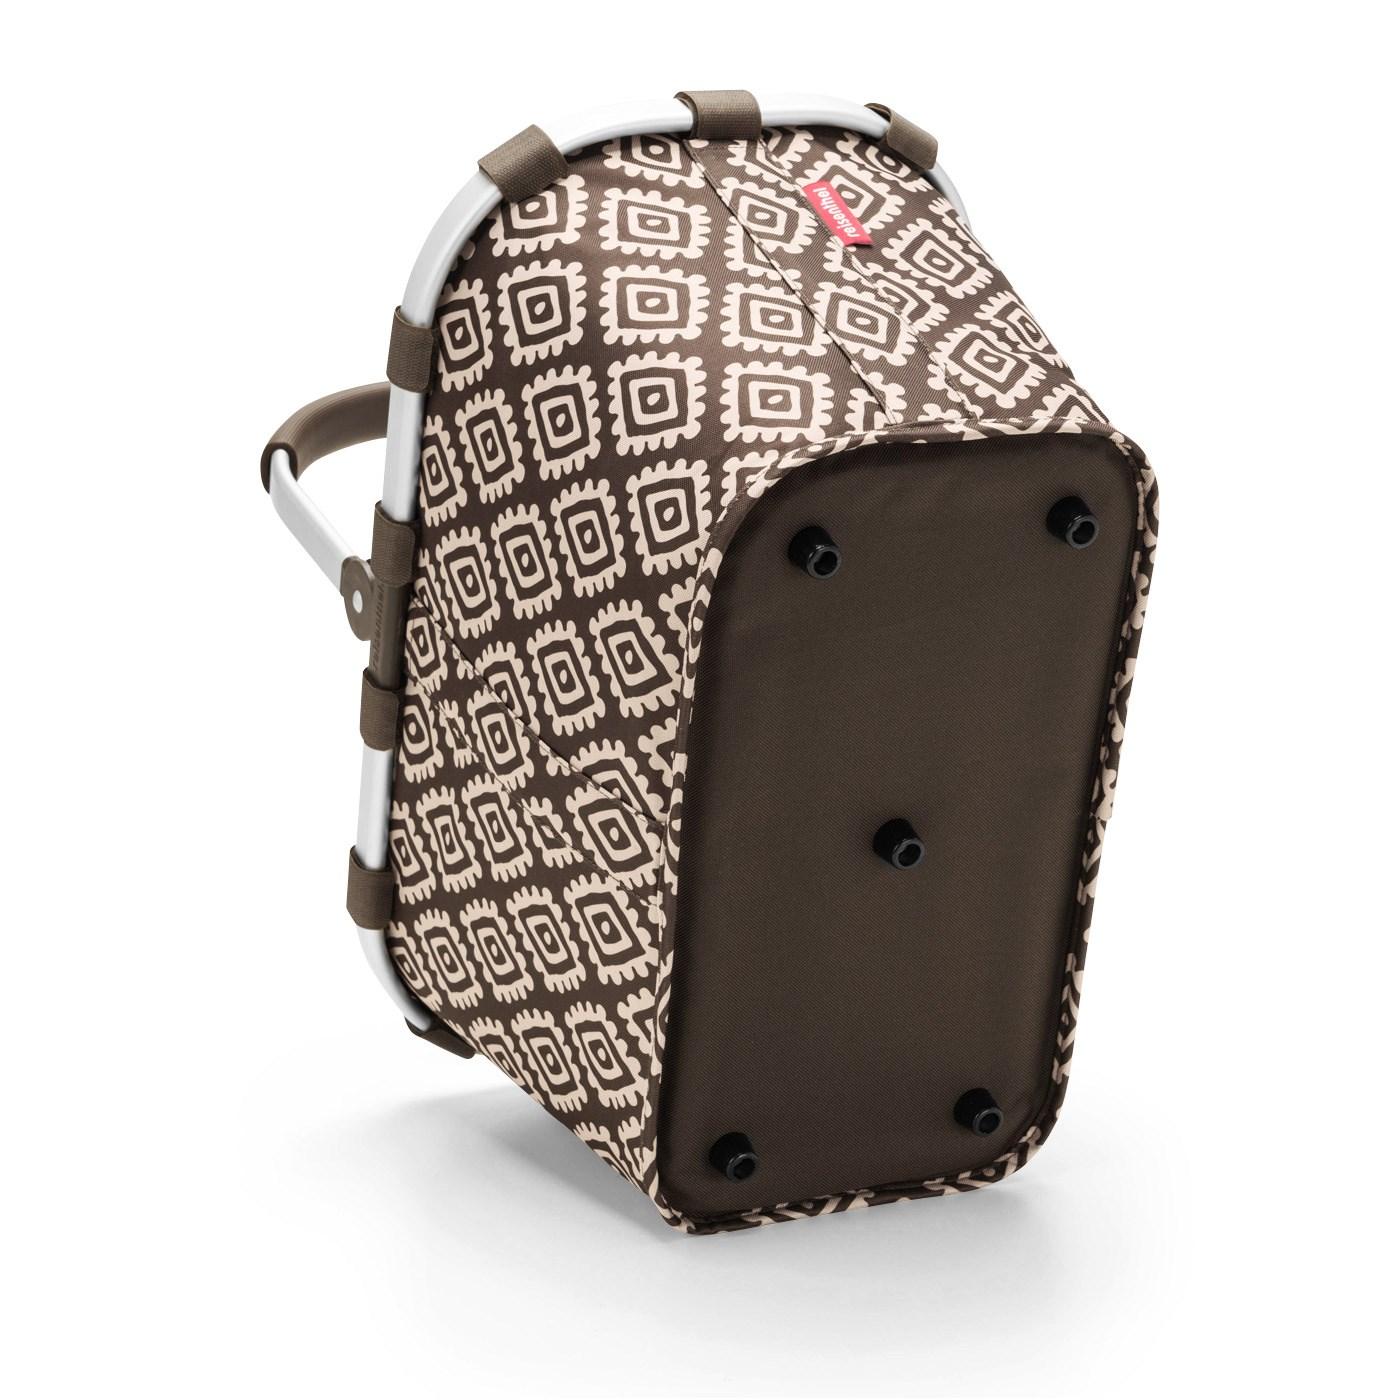 Nákupní košík CARRYBAG diamonds mocha_0